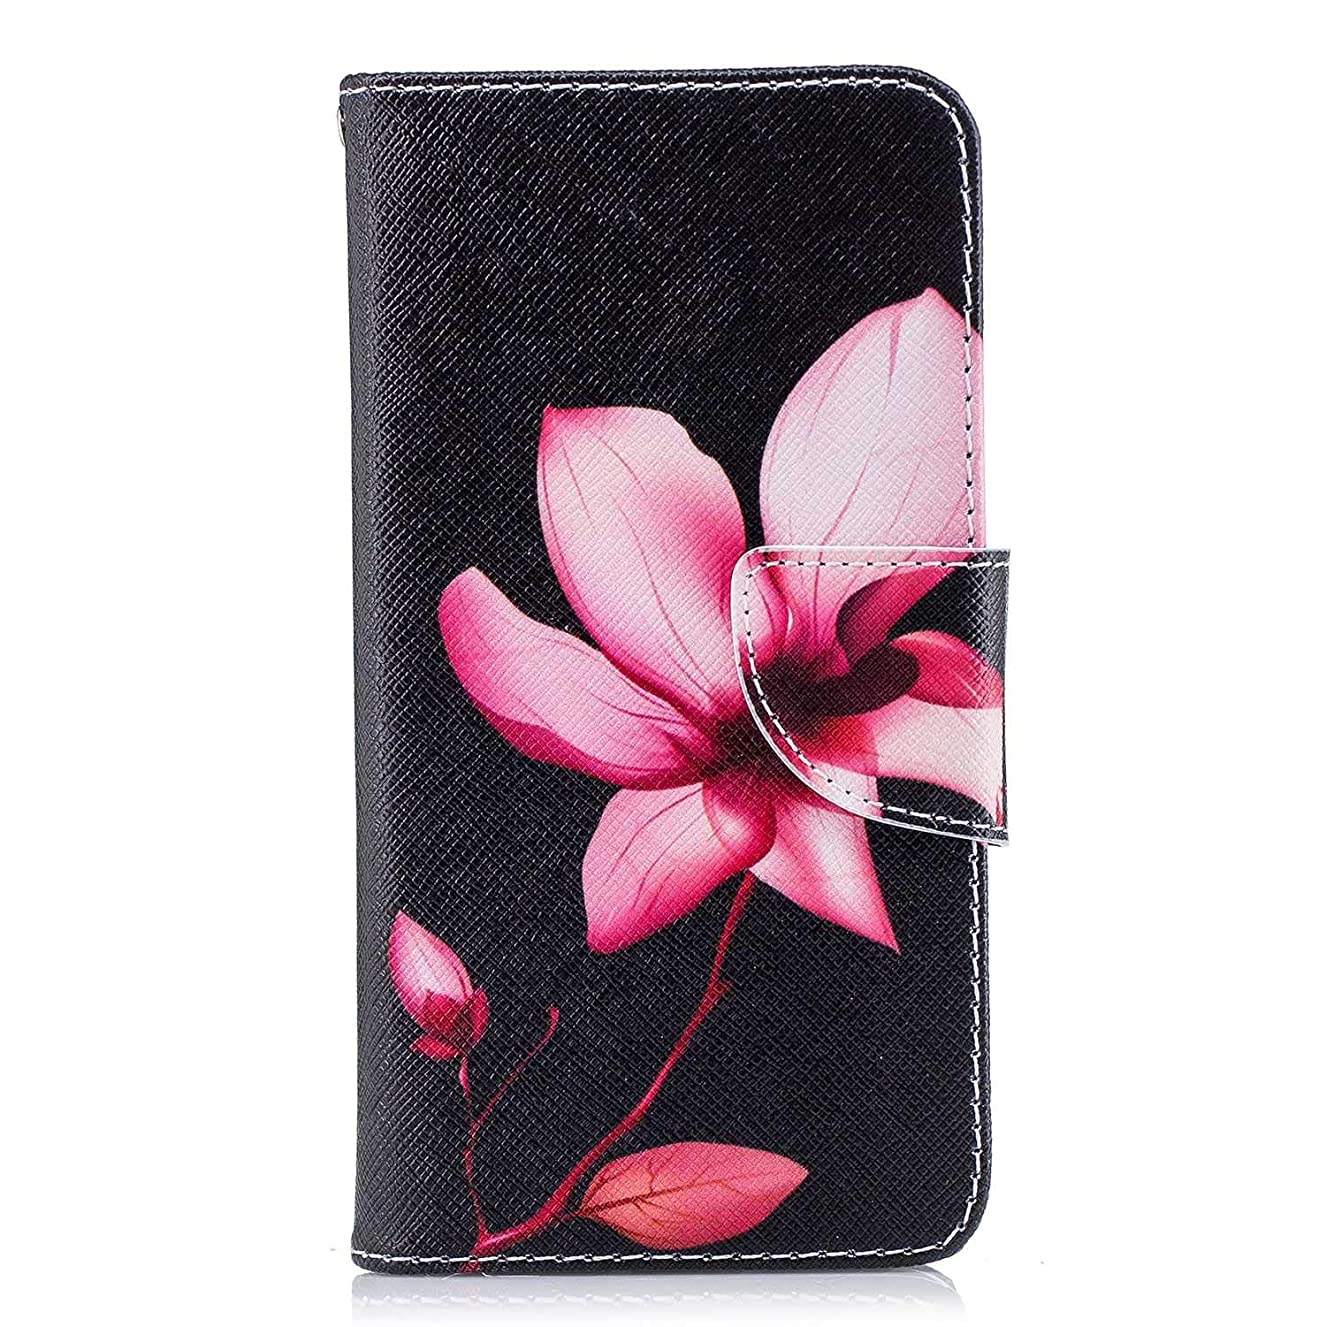 バケツ無力ブロックOMATENTI Xiaomi Redmi 4X ケース, ファッション人気 PUレザー 手帳 軽量 電話ケース 耐衝撃性 落下防止 薄型 スマホケースザー 付きスタンド機能, マグネット開閉式 そしてカード収納 Xiaomi Redmi 4X 用 Case Cover, 花